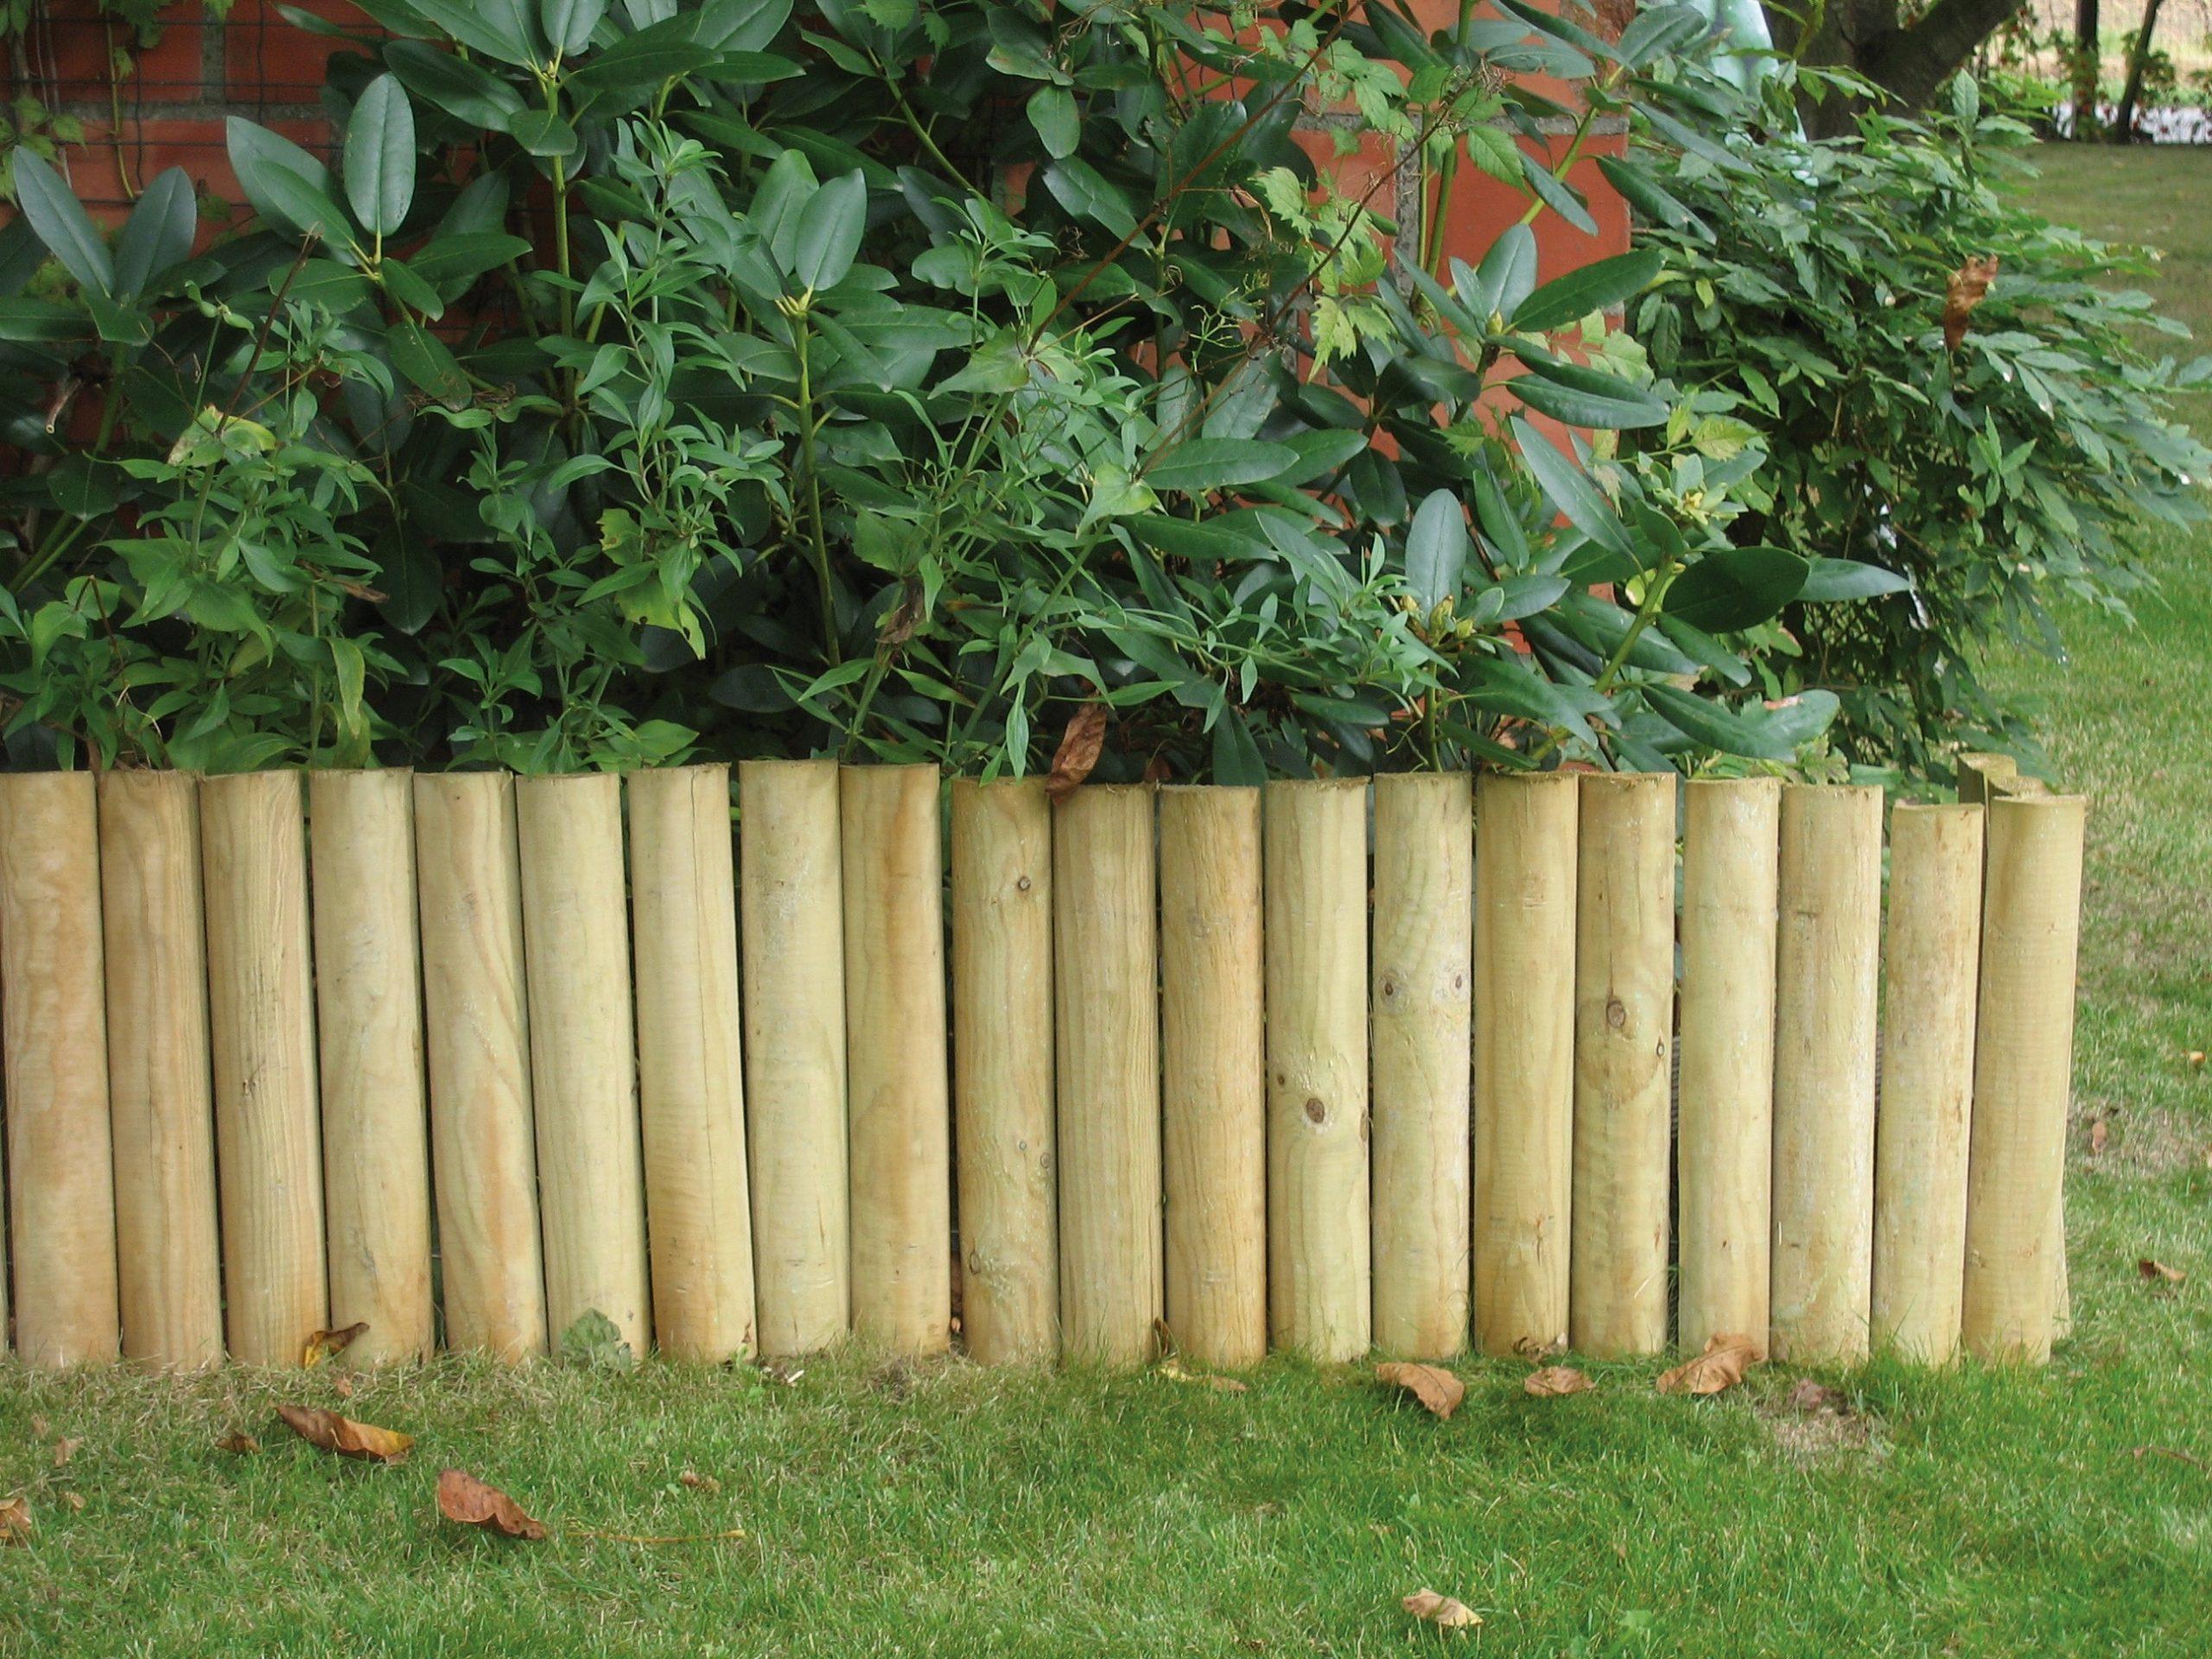 Bordure Demi Ronde En Bois 180 X 20 X 5 Cm Autoclave Solid - Mr.bricolage serapportantà Bordure Jardin Demi Rondin Bois